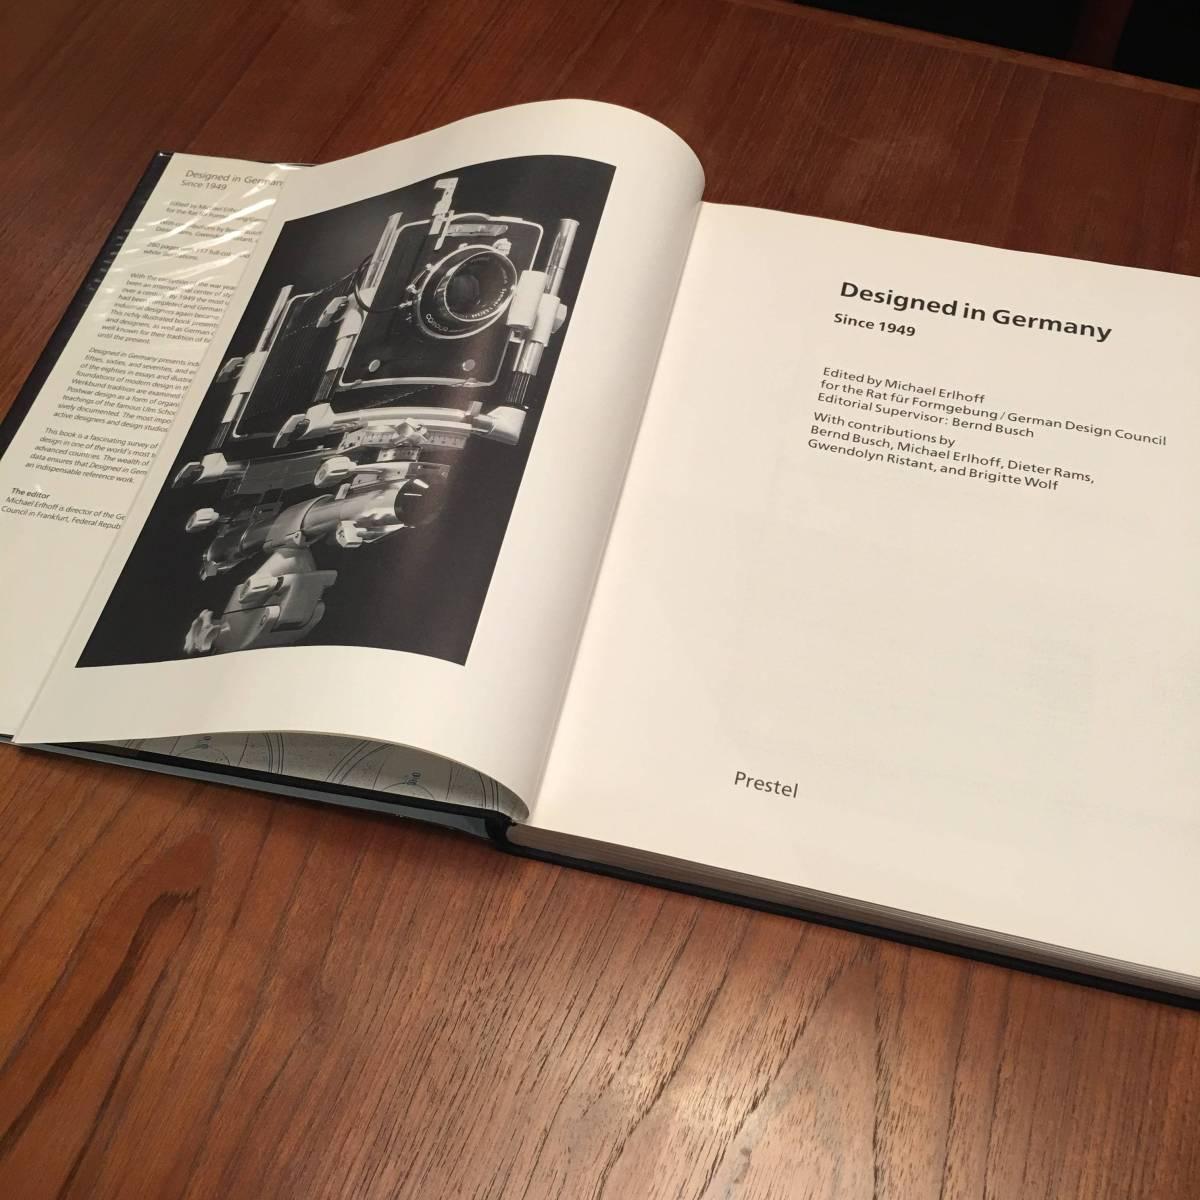 洋書 Braun ディーターラムス スペースエイジ プロダクトデザイン ミッドセンチュリー インテリア レトロ MOMA kartell 70s_画像5